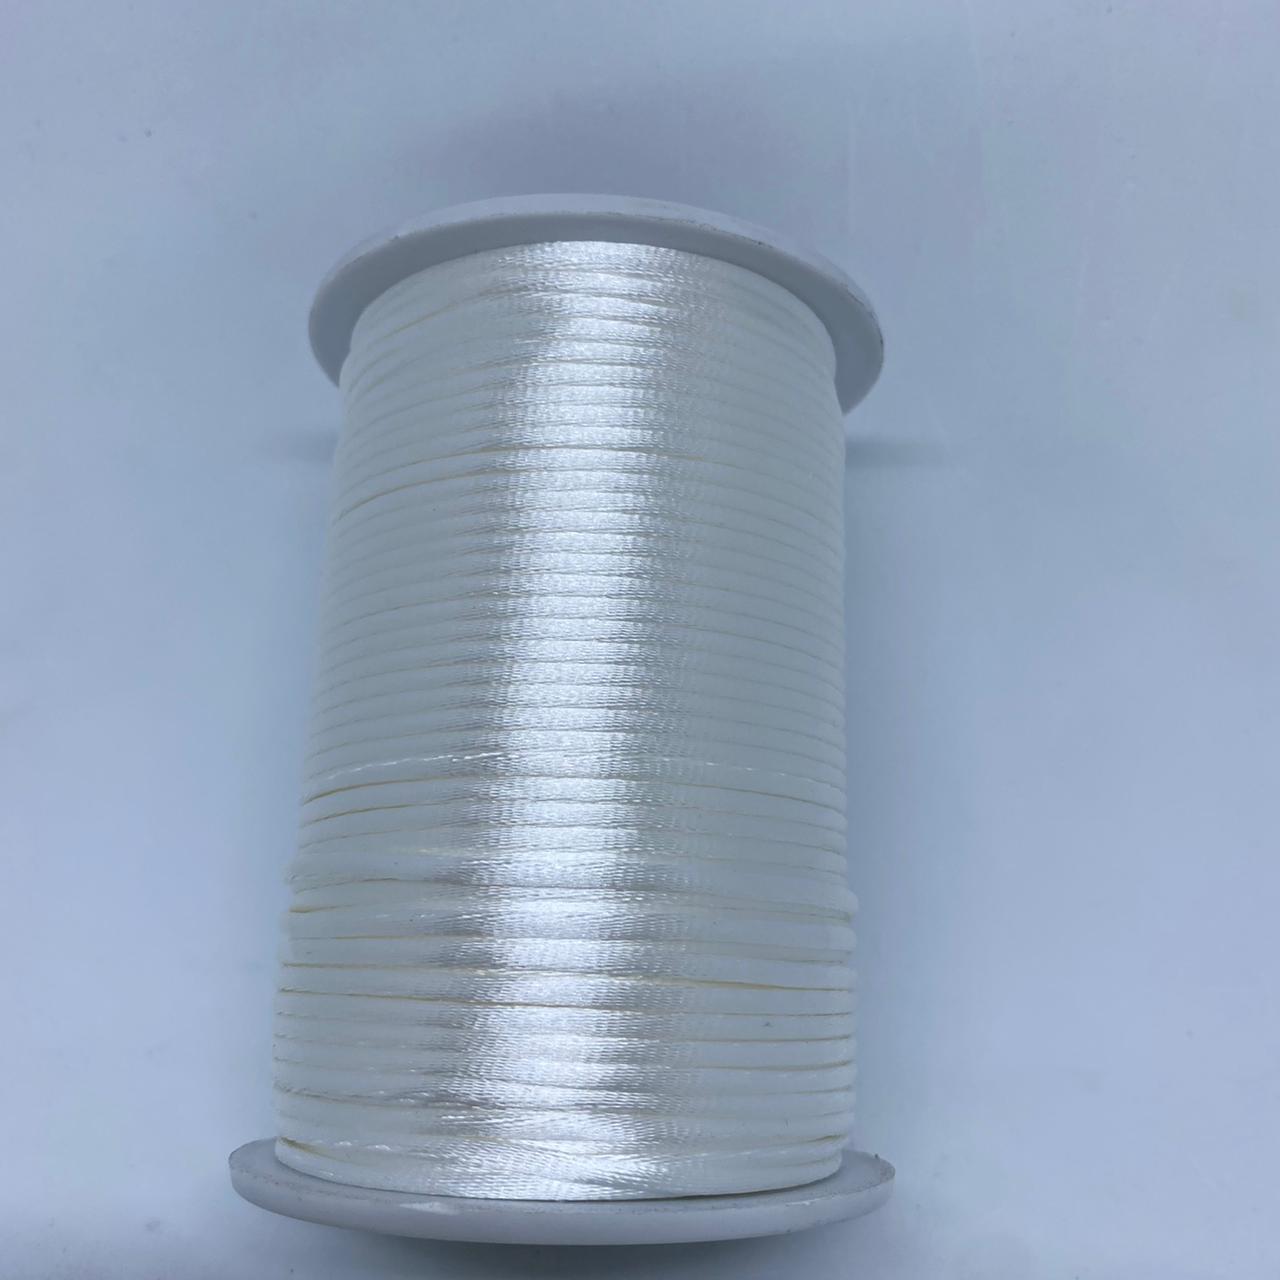 Fio de seda branco c/ 10 metros 2mm